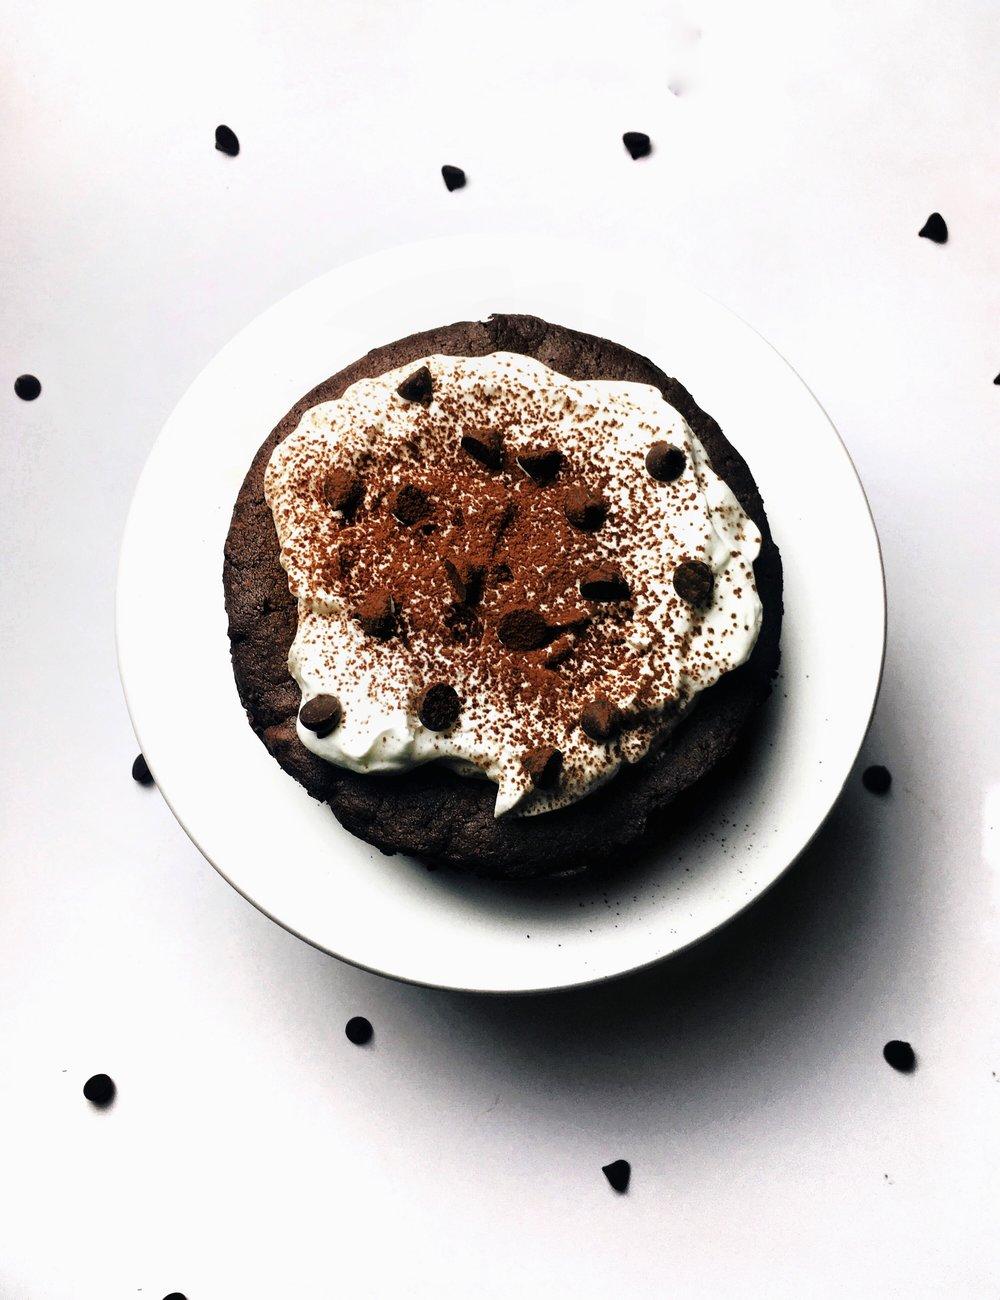 Flourless Almond & Chocolate Torte - Brad & Butter | Mar 4, 2019